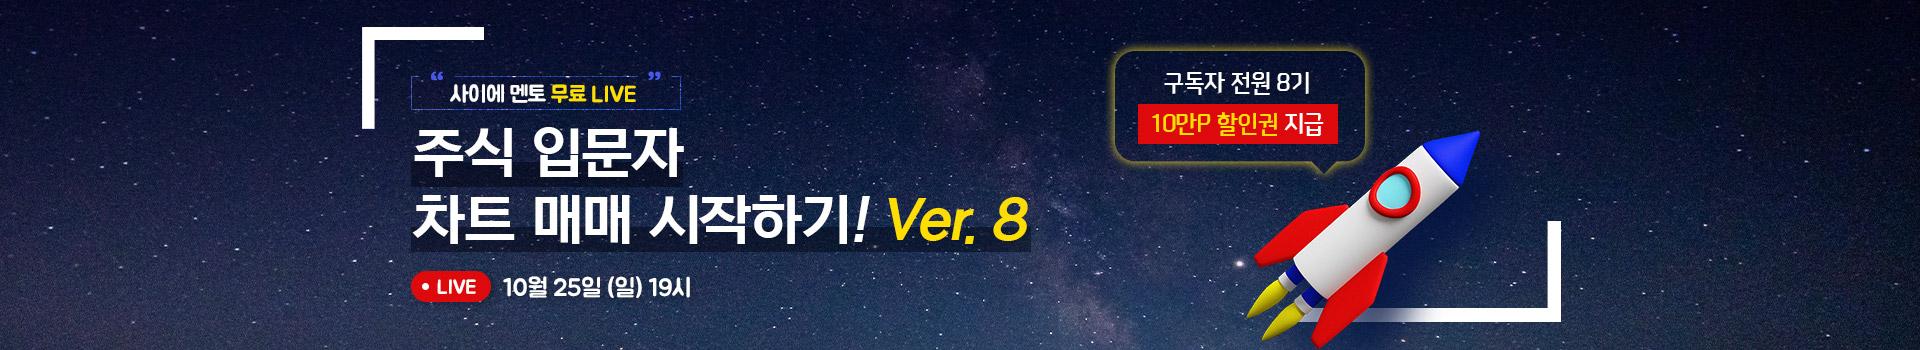 사이에 아카 8기 OT